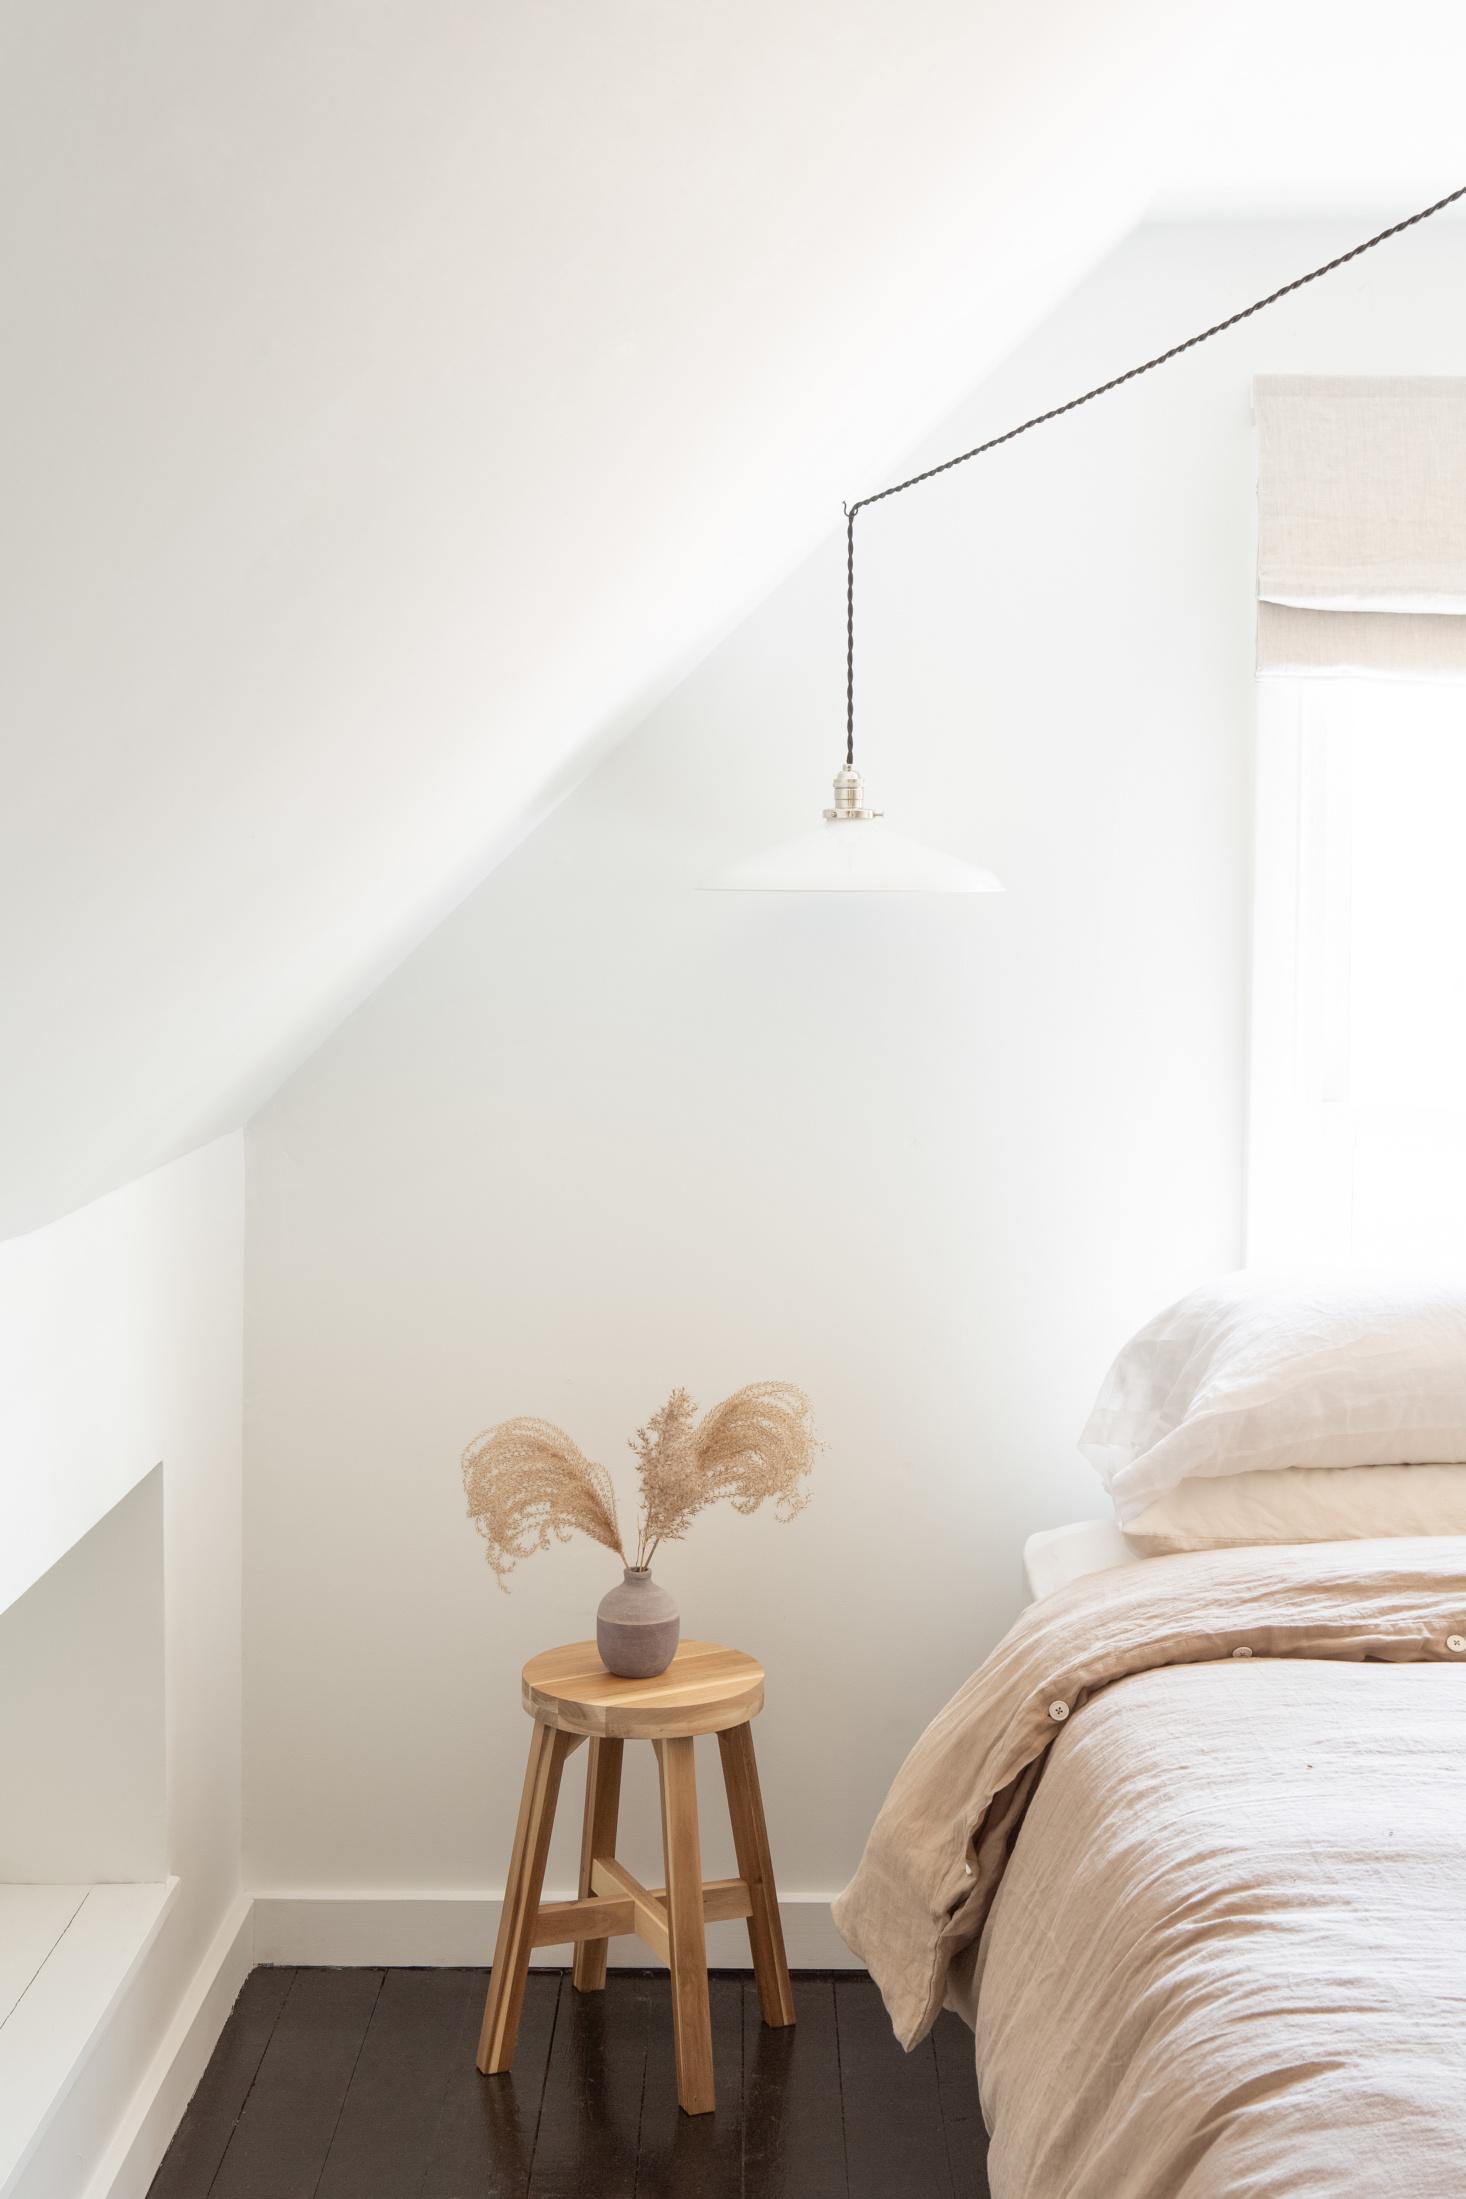 lisa-przystup-attic-bedside-table-1-sarah-elliott-1466x2199.jpg